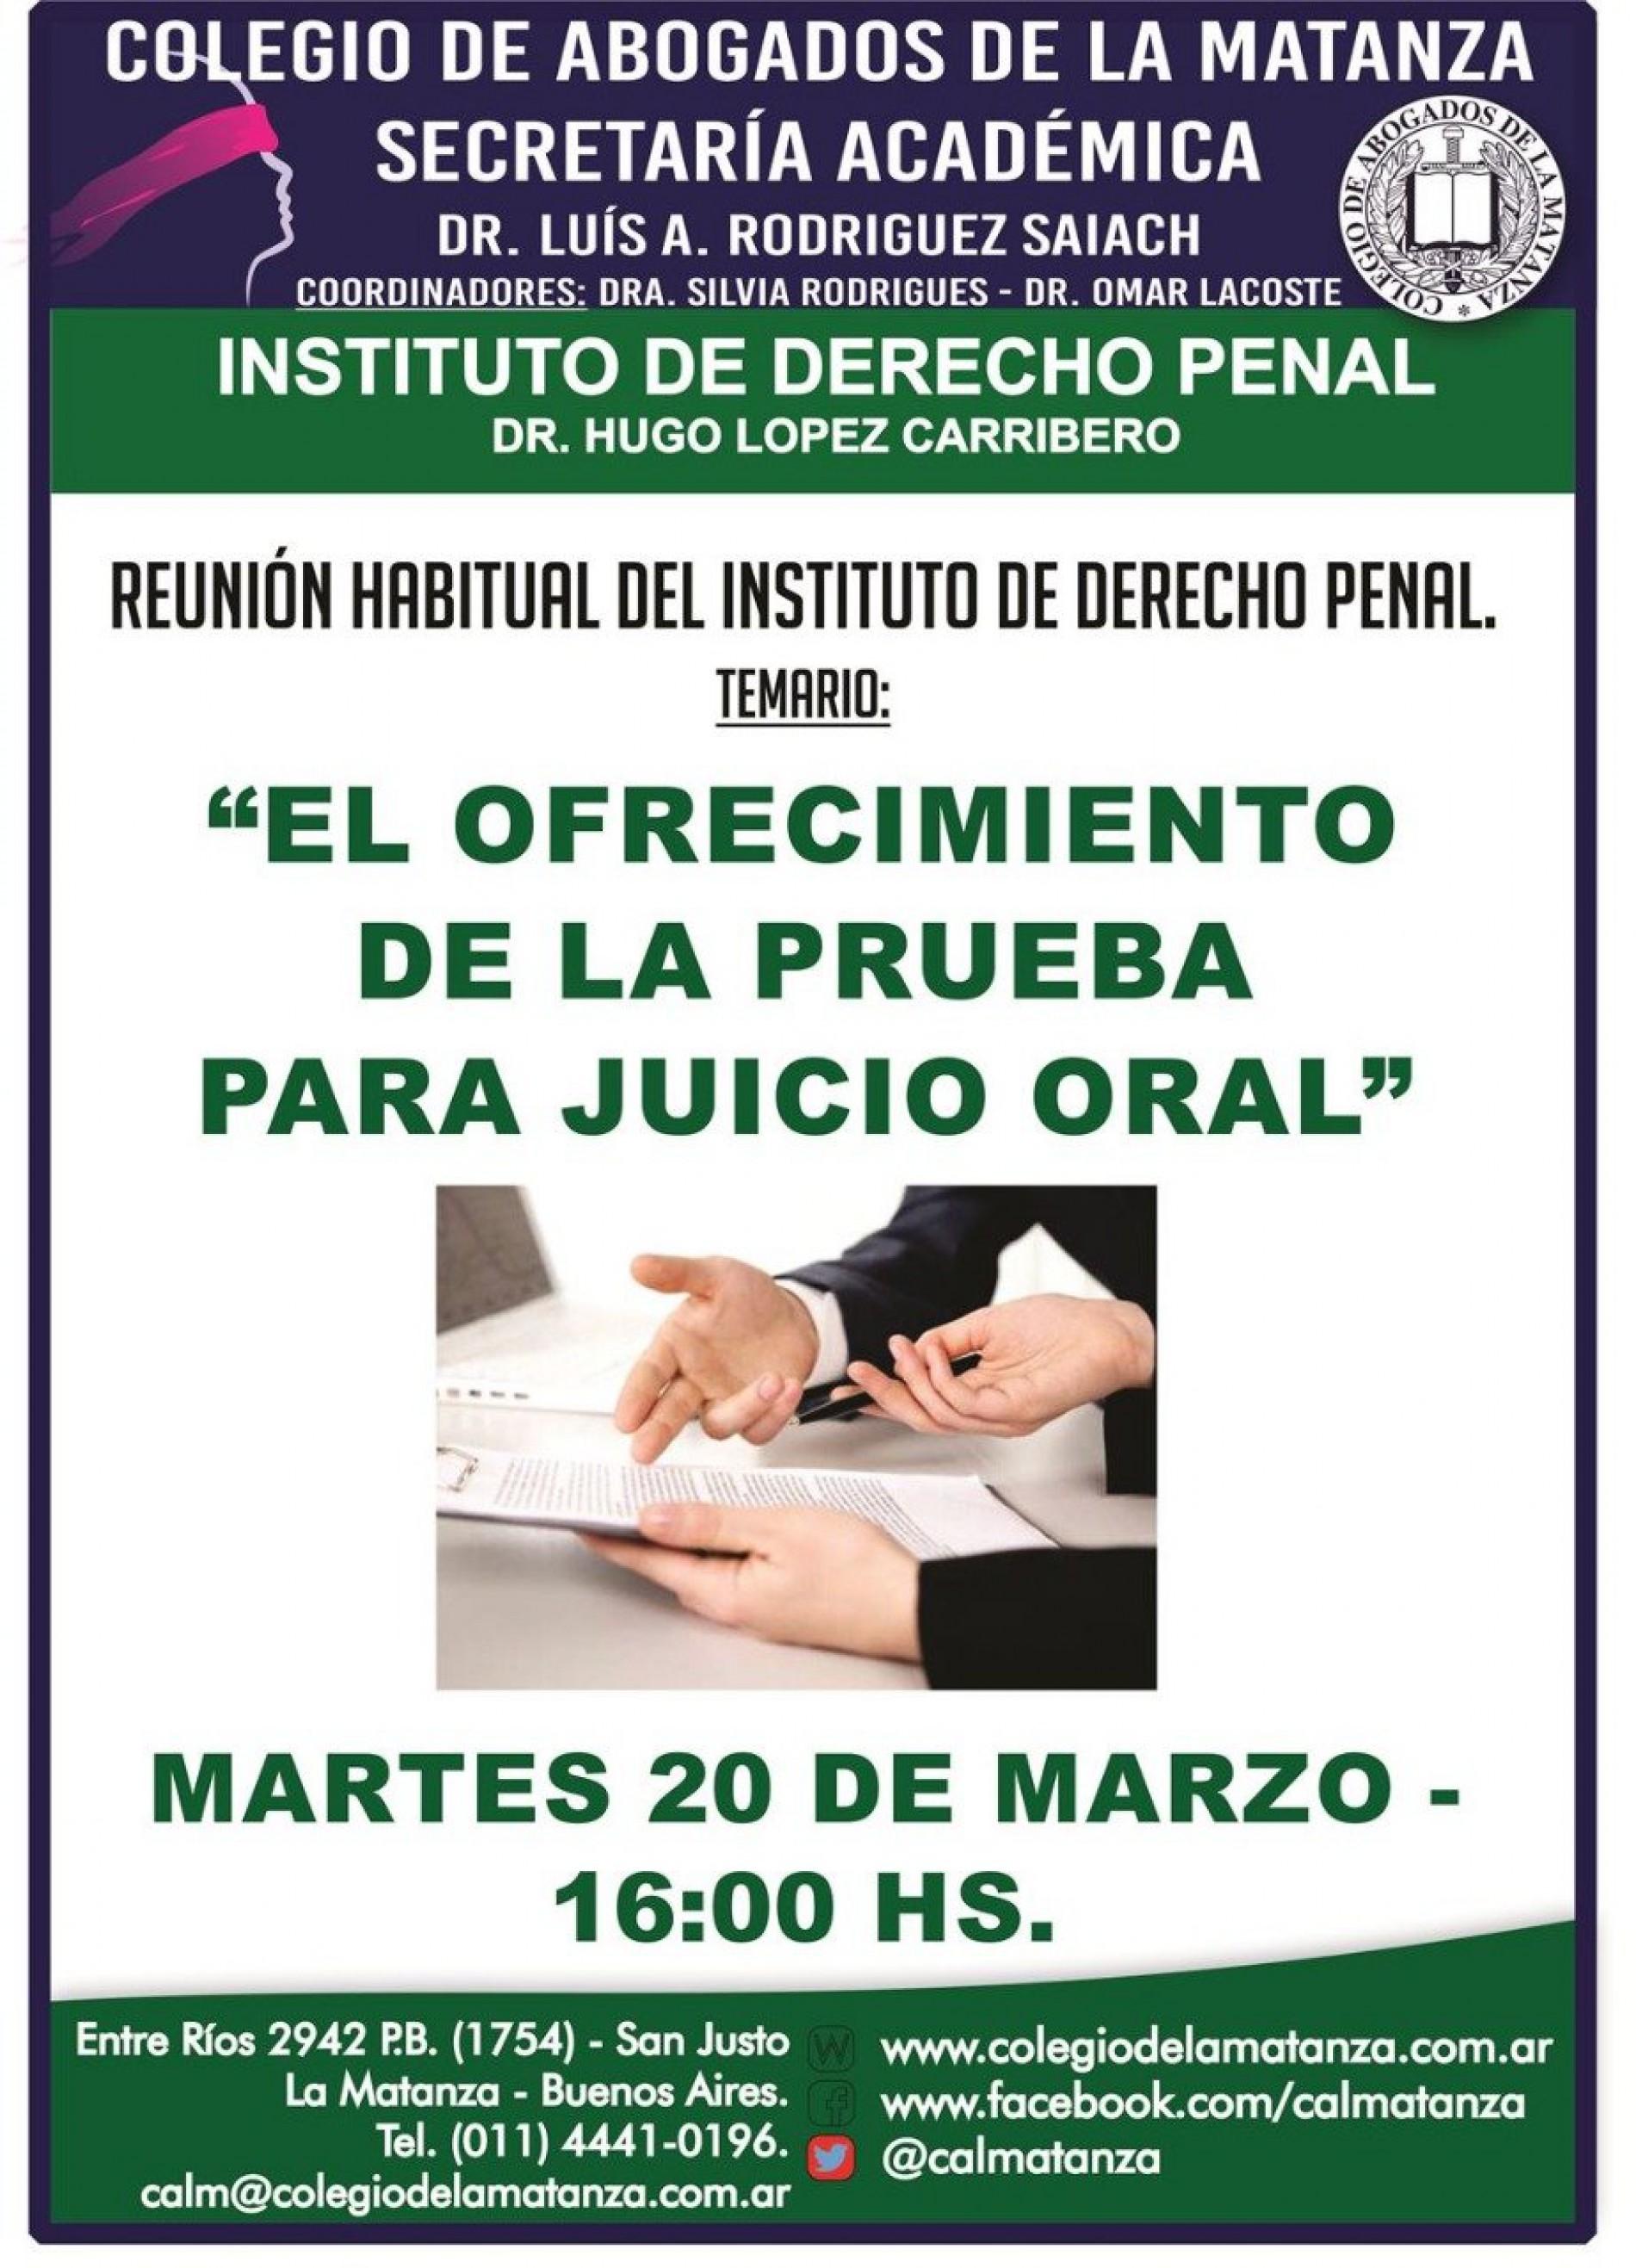 El ofrecimiento de la prueba para Juicio Oral